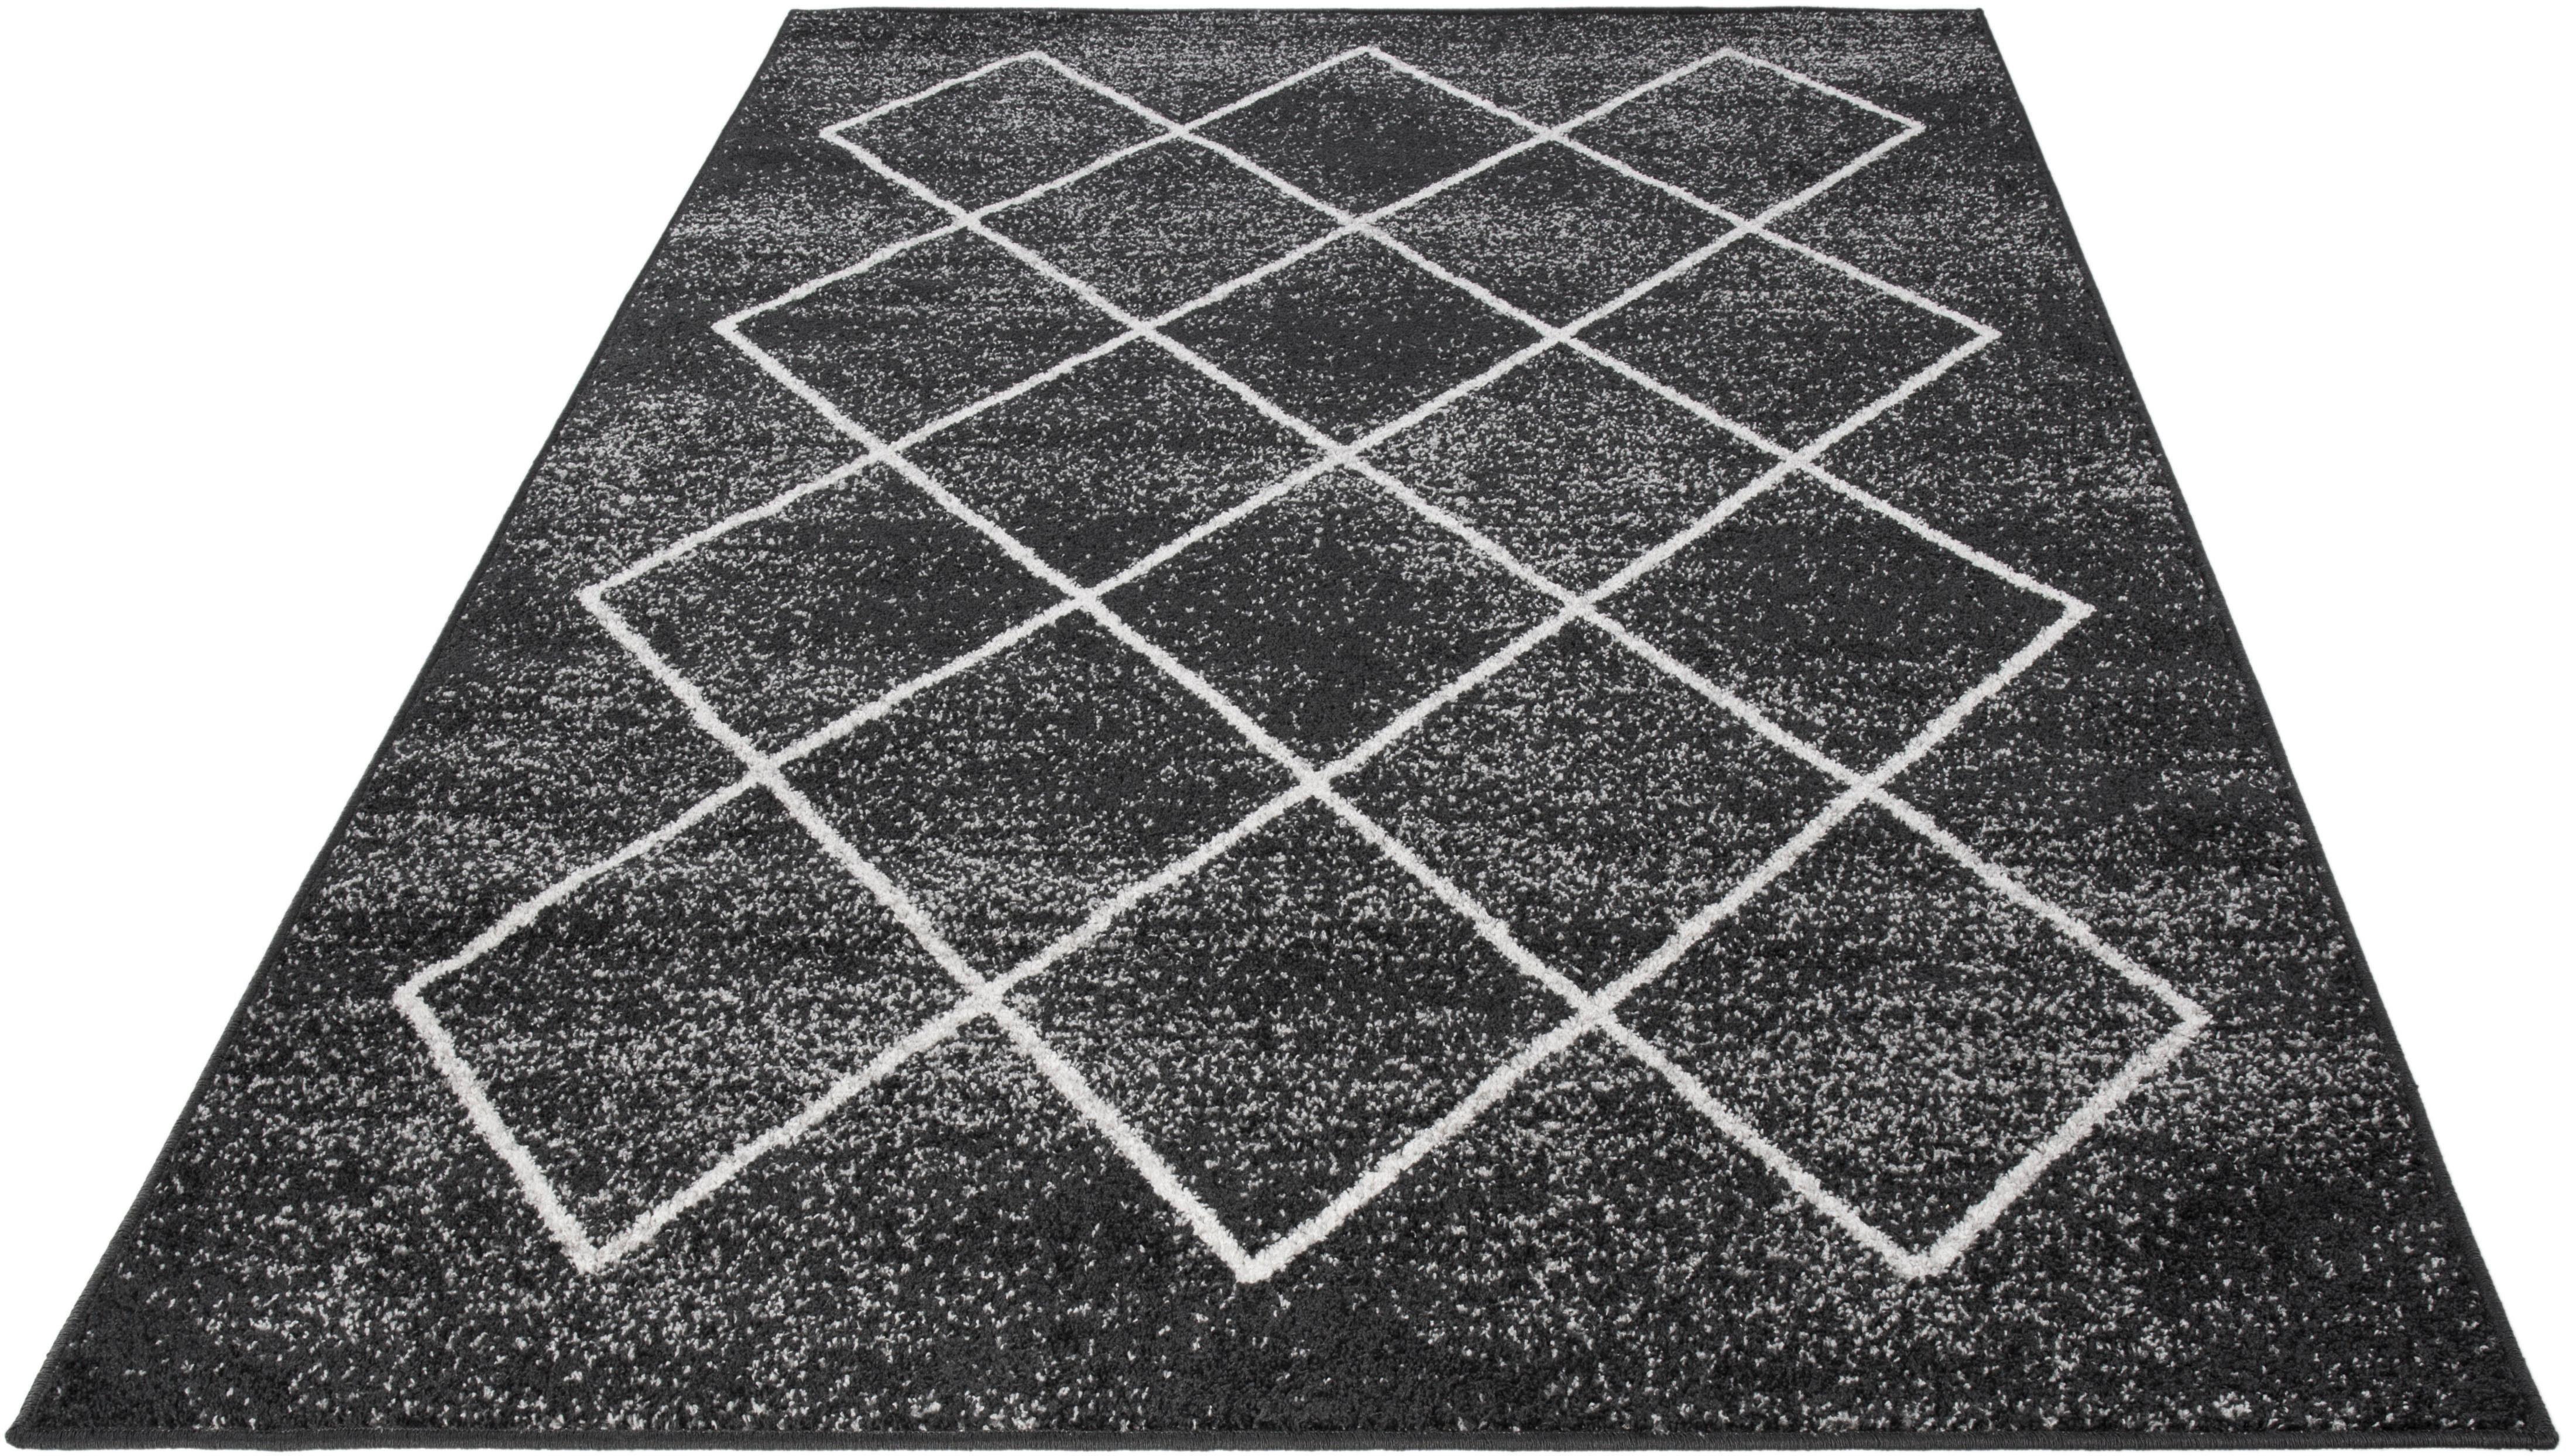 Teppich Bolonia Andiamo rechteckig Höhe 6 mm maschinell gewebt